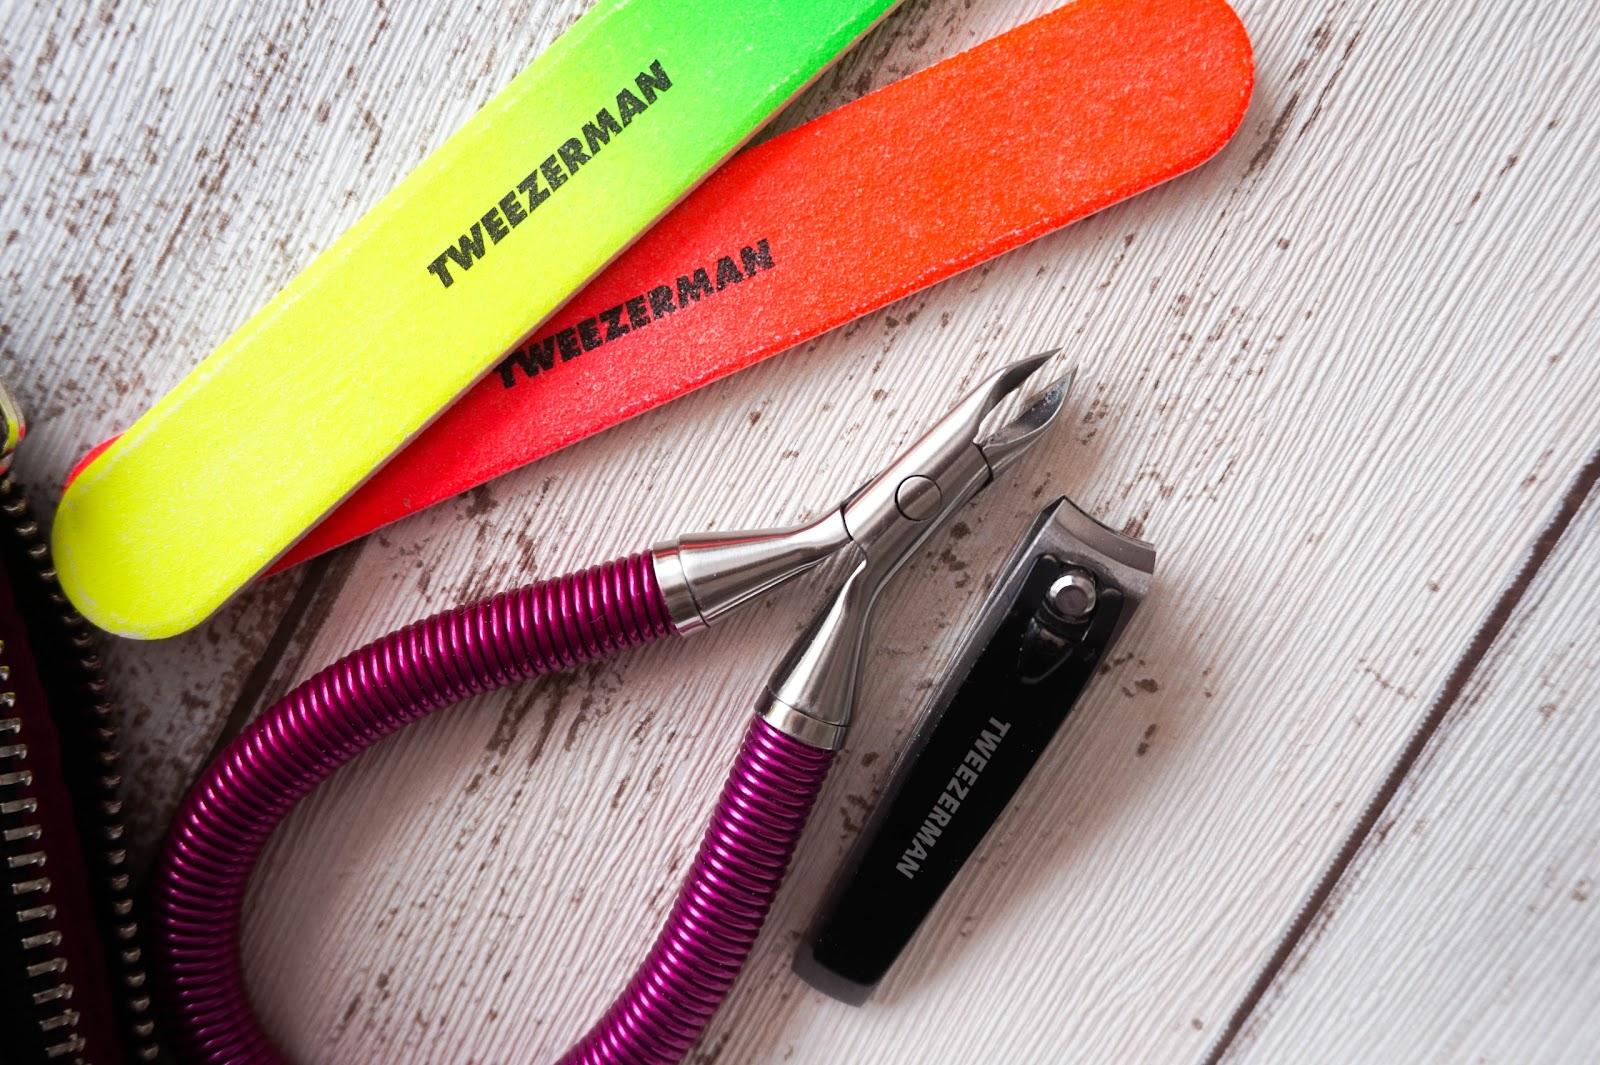 Manicure Essentials, Tweezerman, Essie, Gallinee